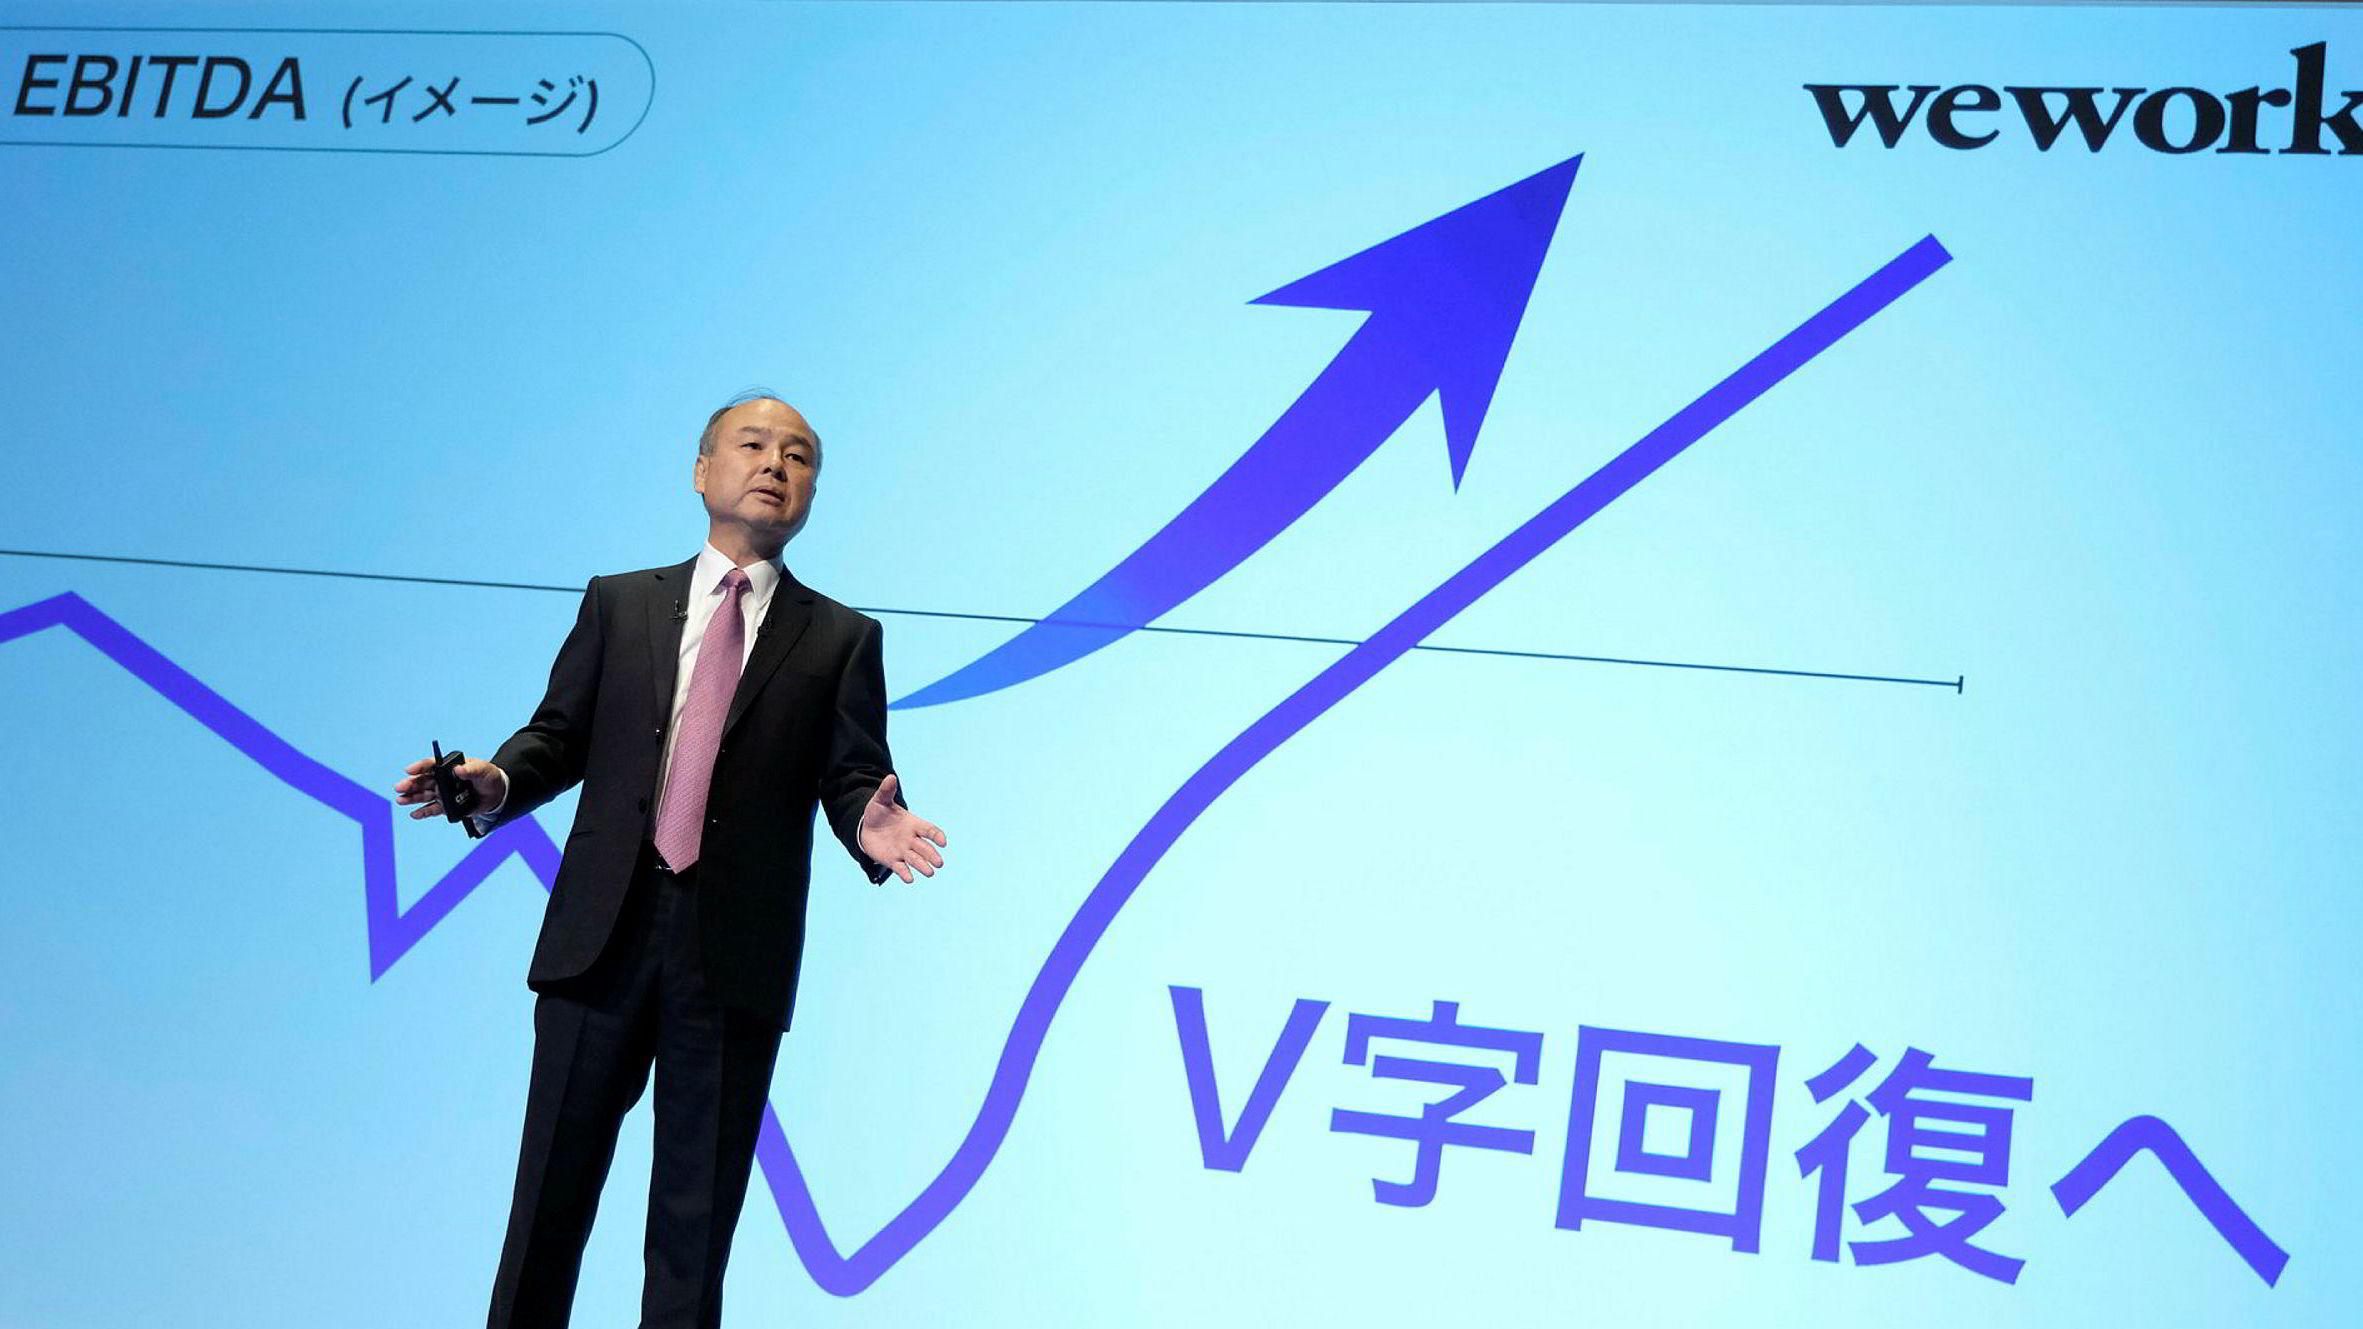 Toppsjef Masayoshi Son i Japans SoftBank Group fortalte forleden at banken hadde tapt 6,5 milliarder dollar i andre kvartal – det verste i historien – etter å ha invesert i start-ups som Uber og WeWork.